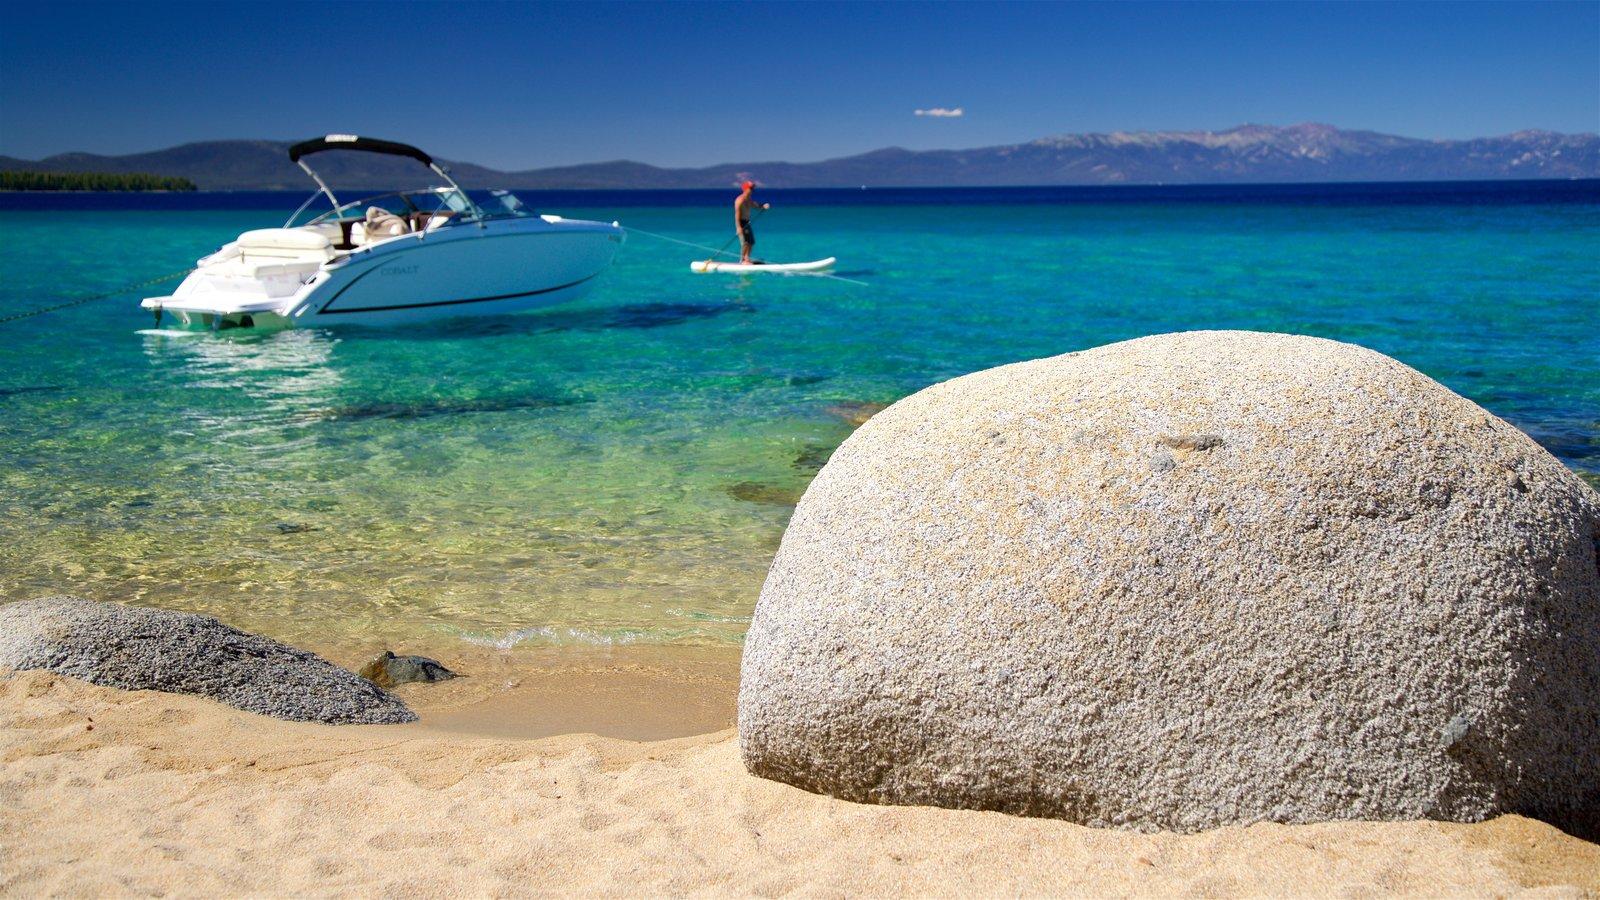 D. L. Bliss State Park mostrando paisagens litorâneas, caiaque ou canoagem e uma praia de areia